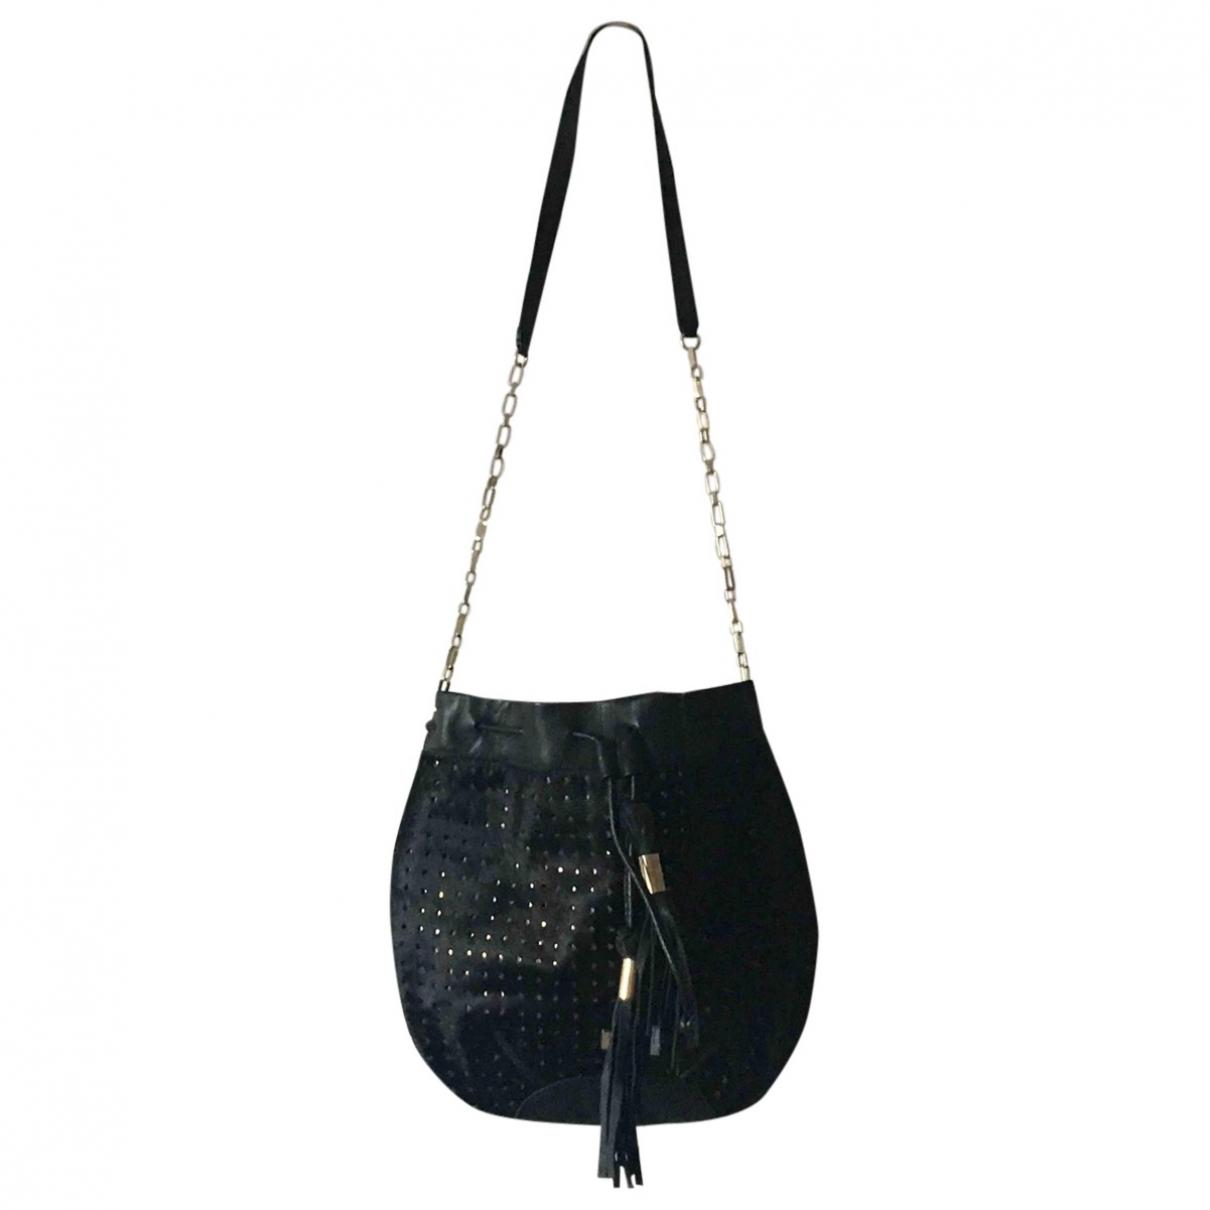 Hoss Intropia \N Black Pony-style calfskin handbag for Women \N